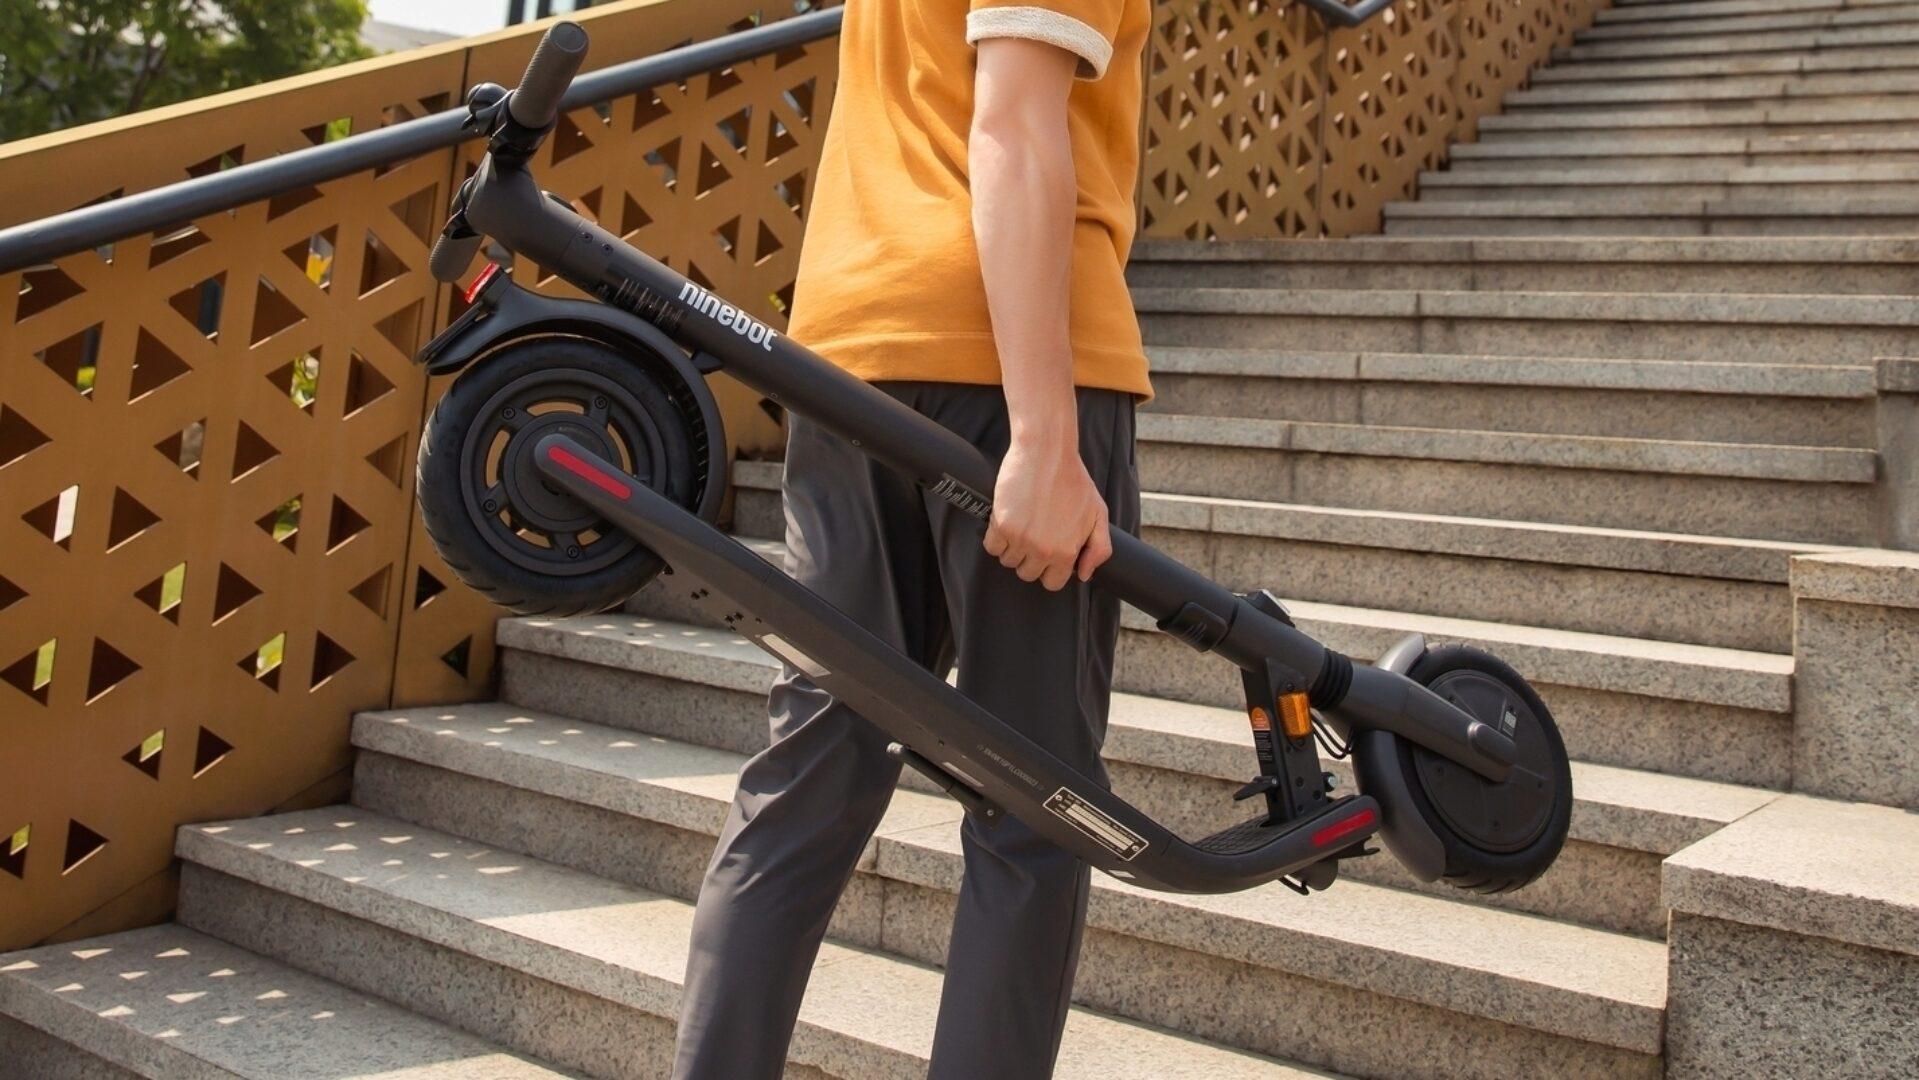 Der KickScooter bringt Sie überall hin, wohin Sie wollen